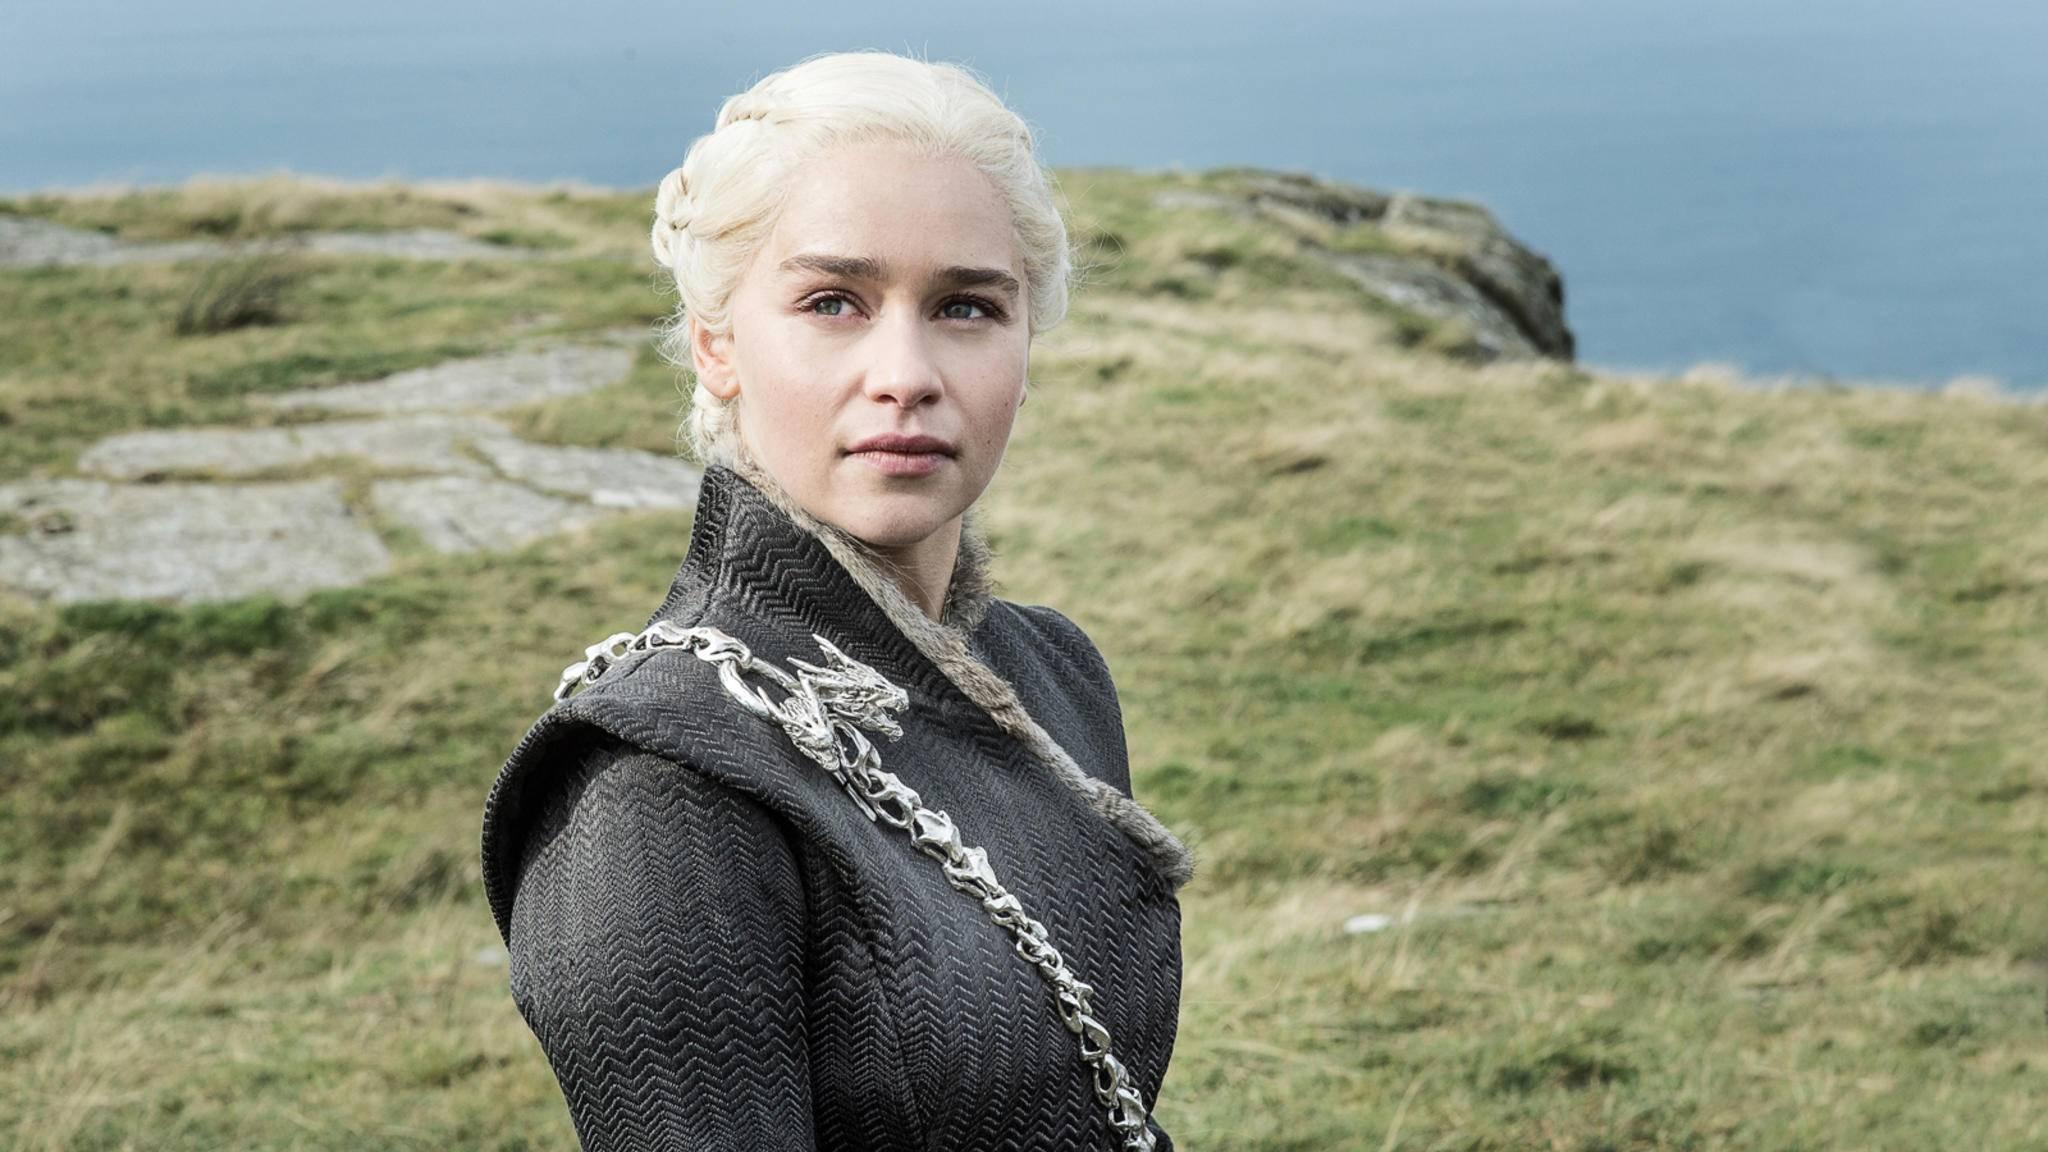 Auch Daenerys Targaryen hat Einfluss auf die Realität genommen.